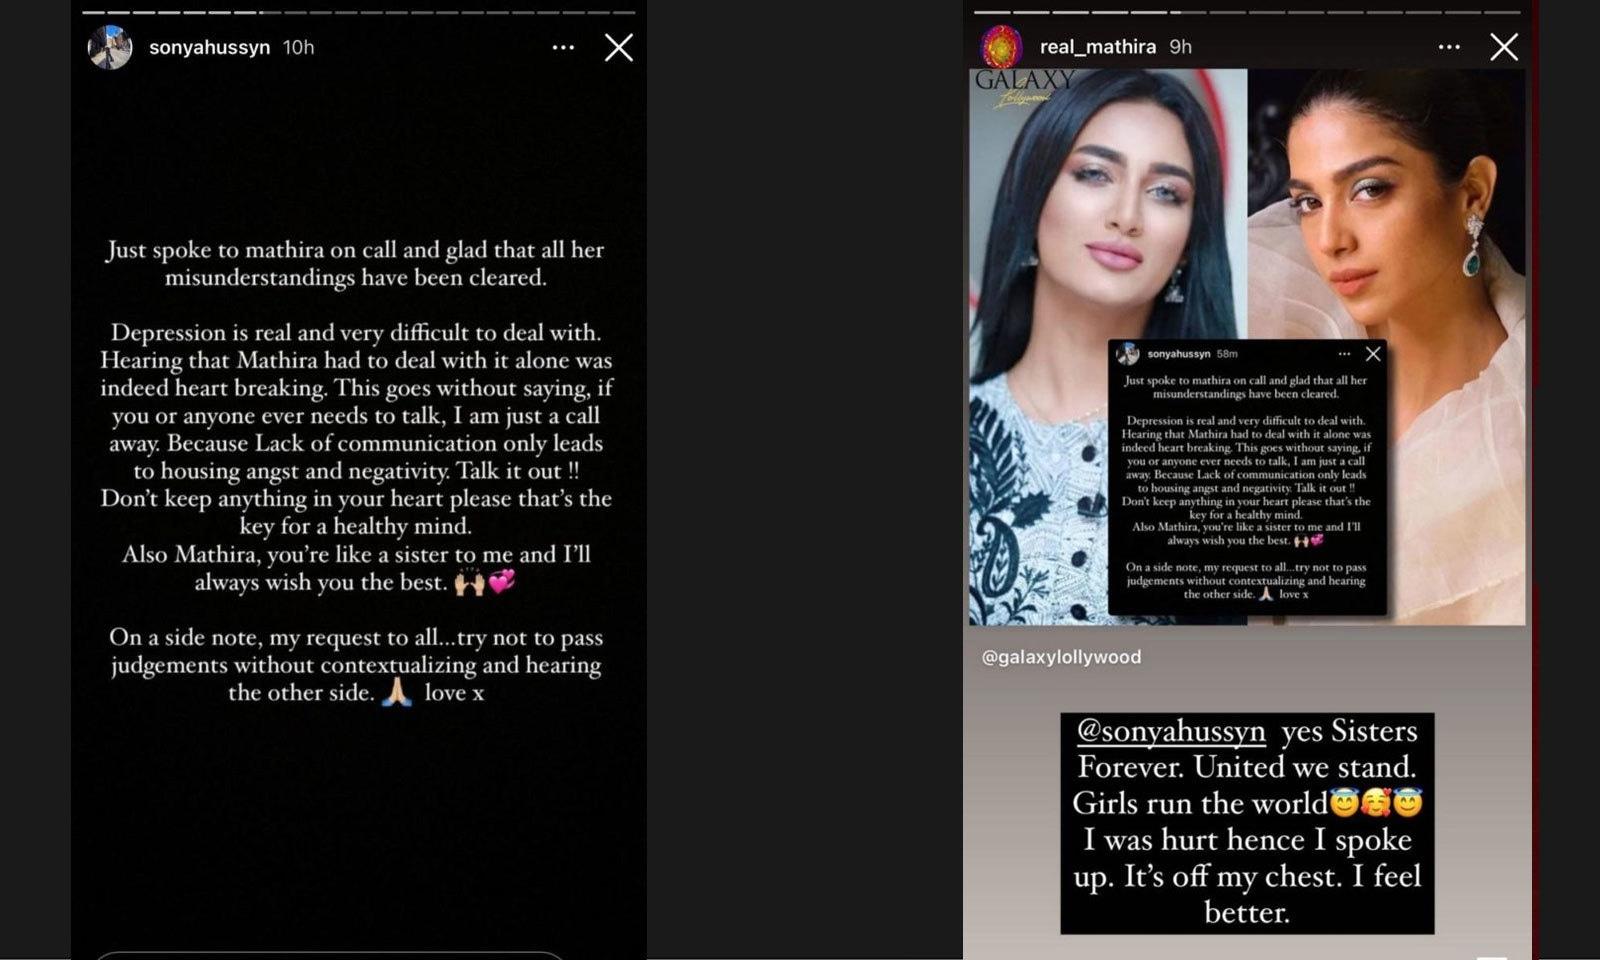 سونیا حسین نے بتایا کہ انہوں نے متھیرا سے فون پر بات کی—اسکرین شاٹ